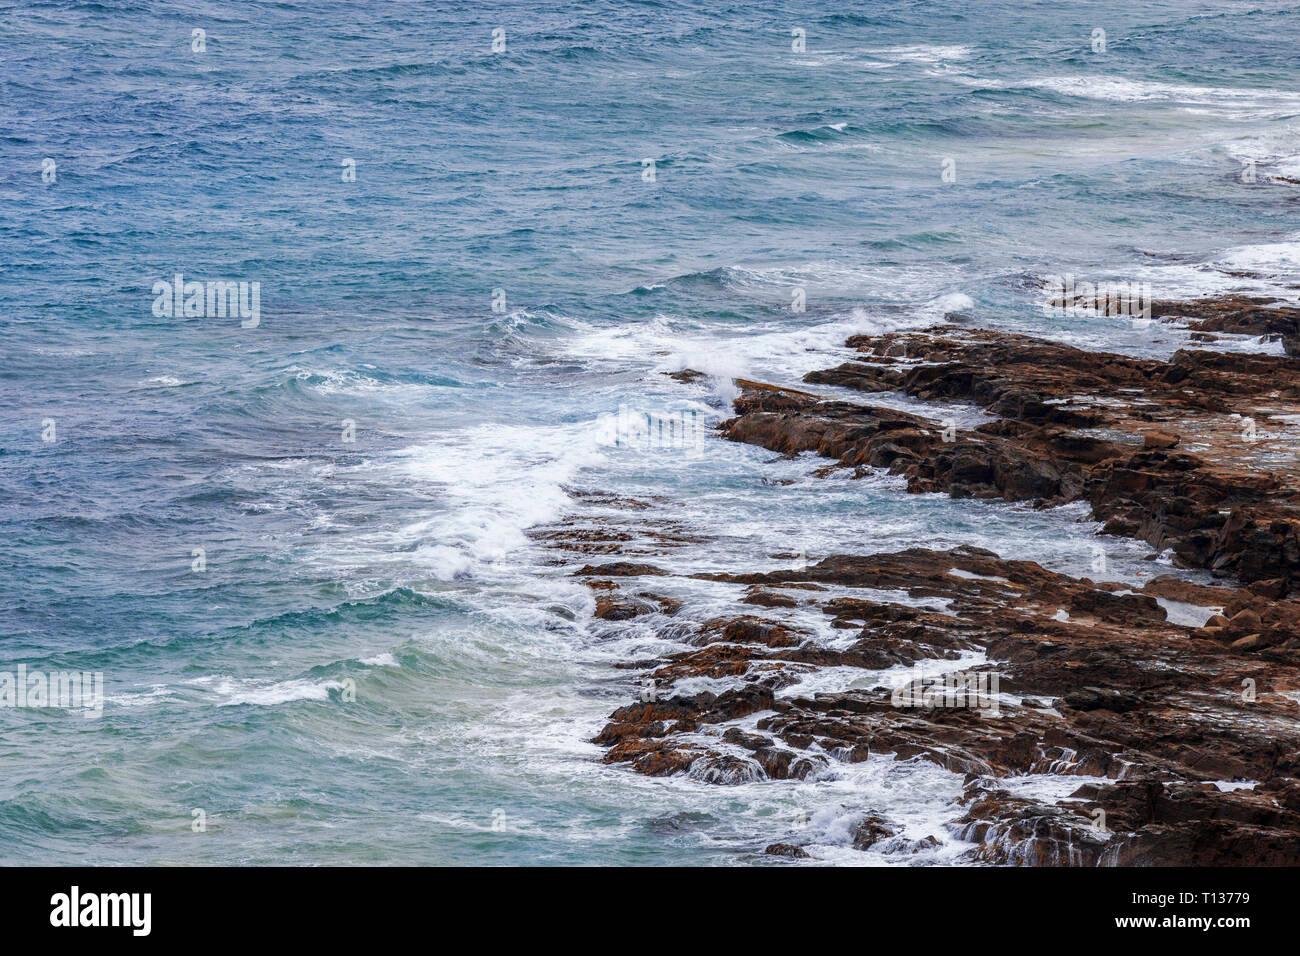 Rough waves crashing onto rocks below. - Stock Image